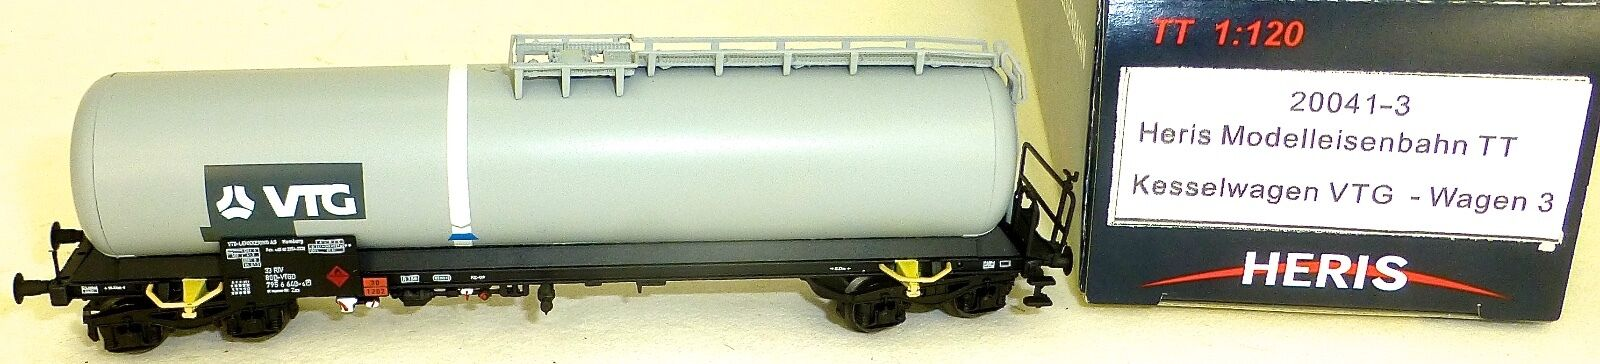 Vtg tank wagon 795 6 640-6 heris 20041-3 tt 1 120 new ld 1  å